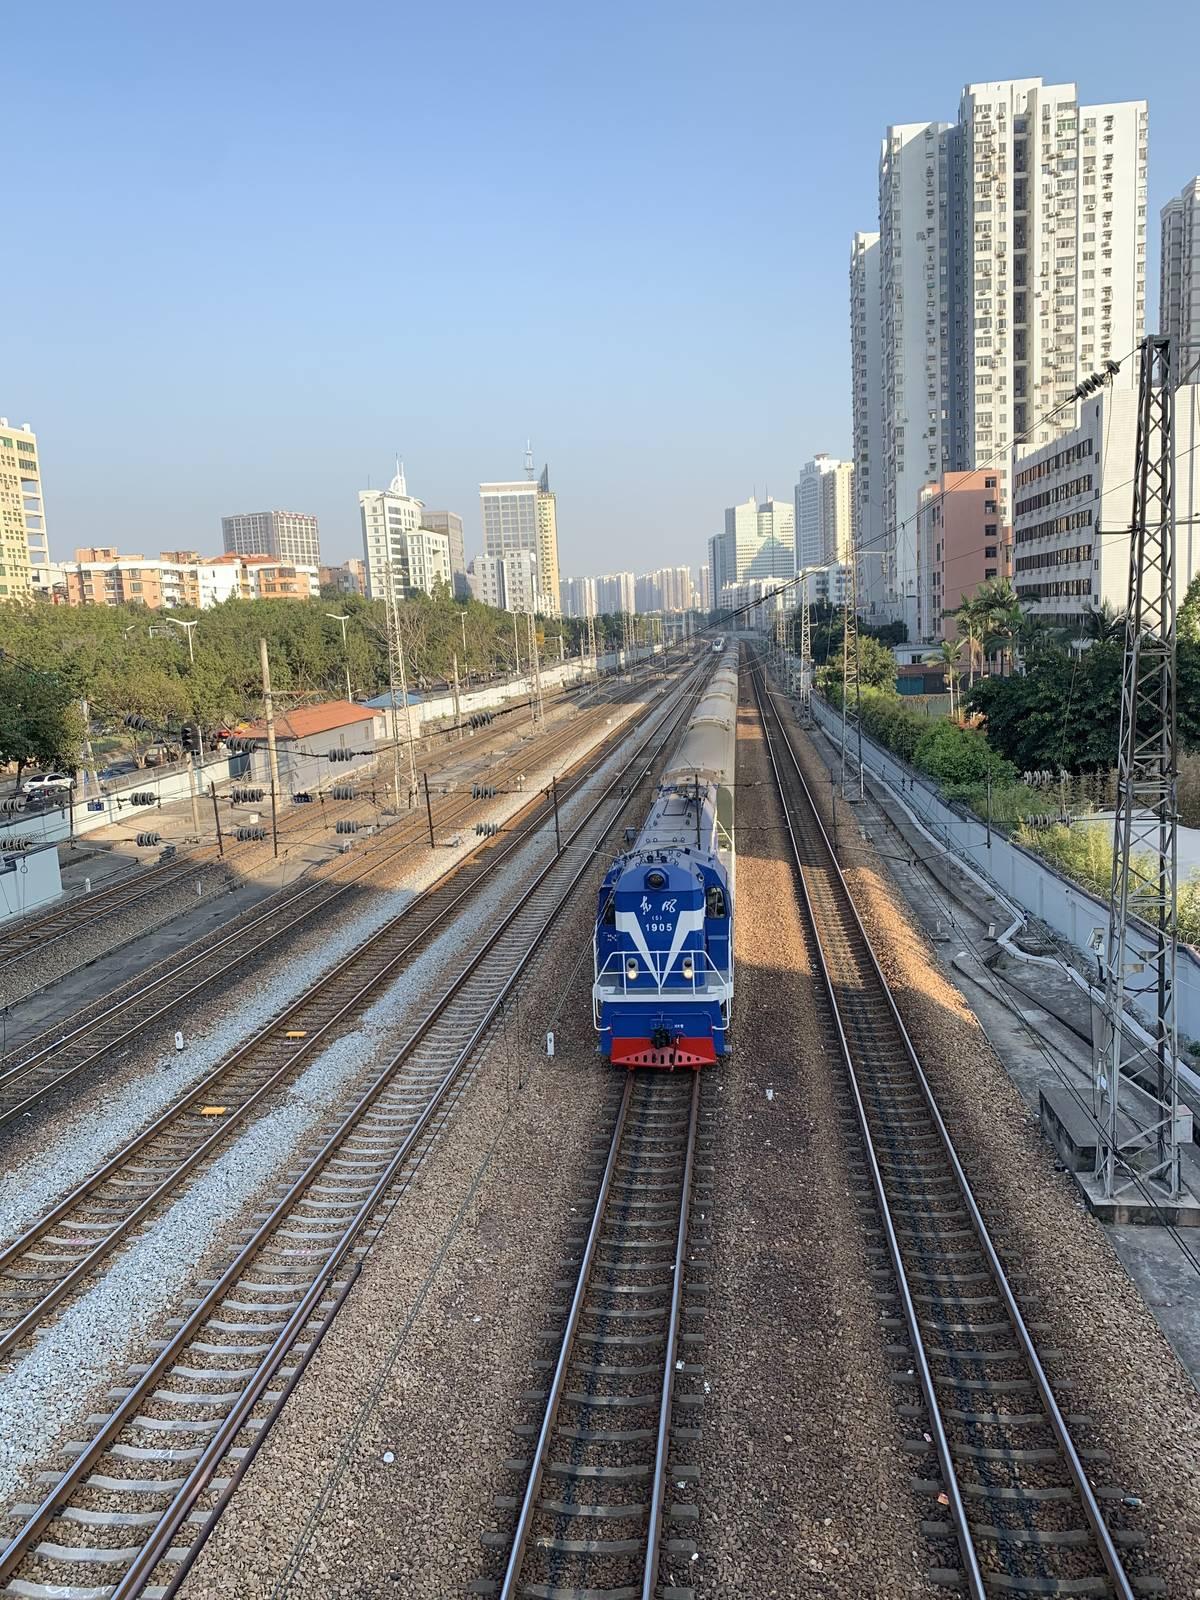 天河北的背面就是广园路,广园路有段是和广深铁路并行的,我带小朋友到华工玩,就会穿过中间的立交桥,有时候还能看到火车经过,这次竟然看到东风火车头!